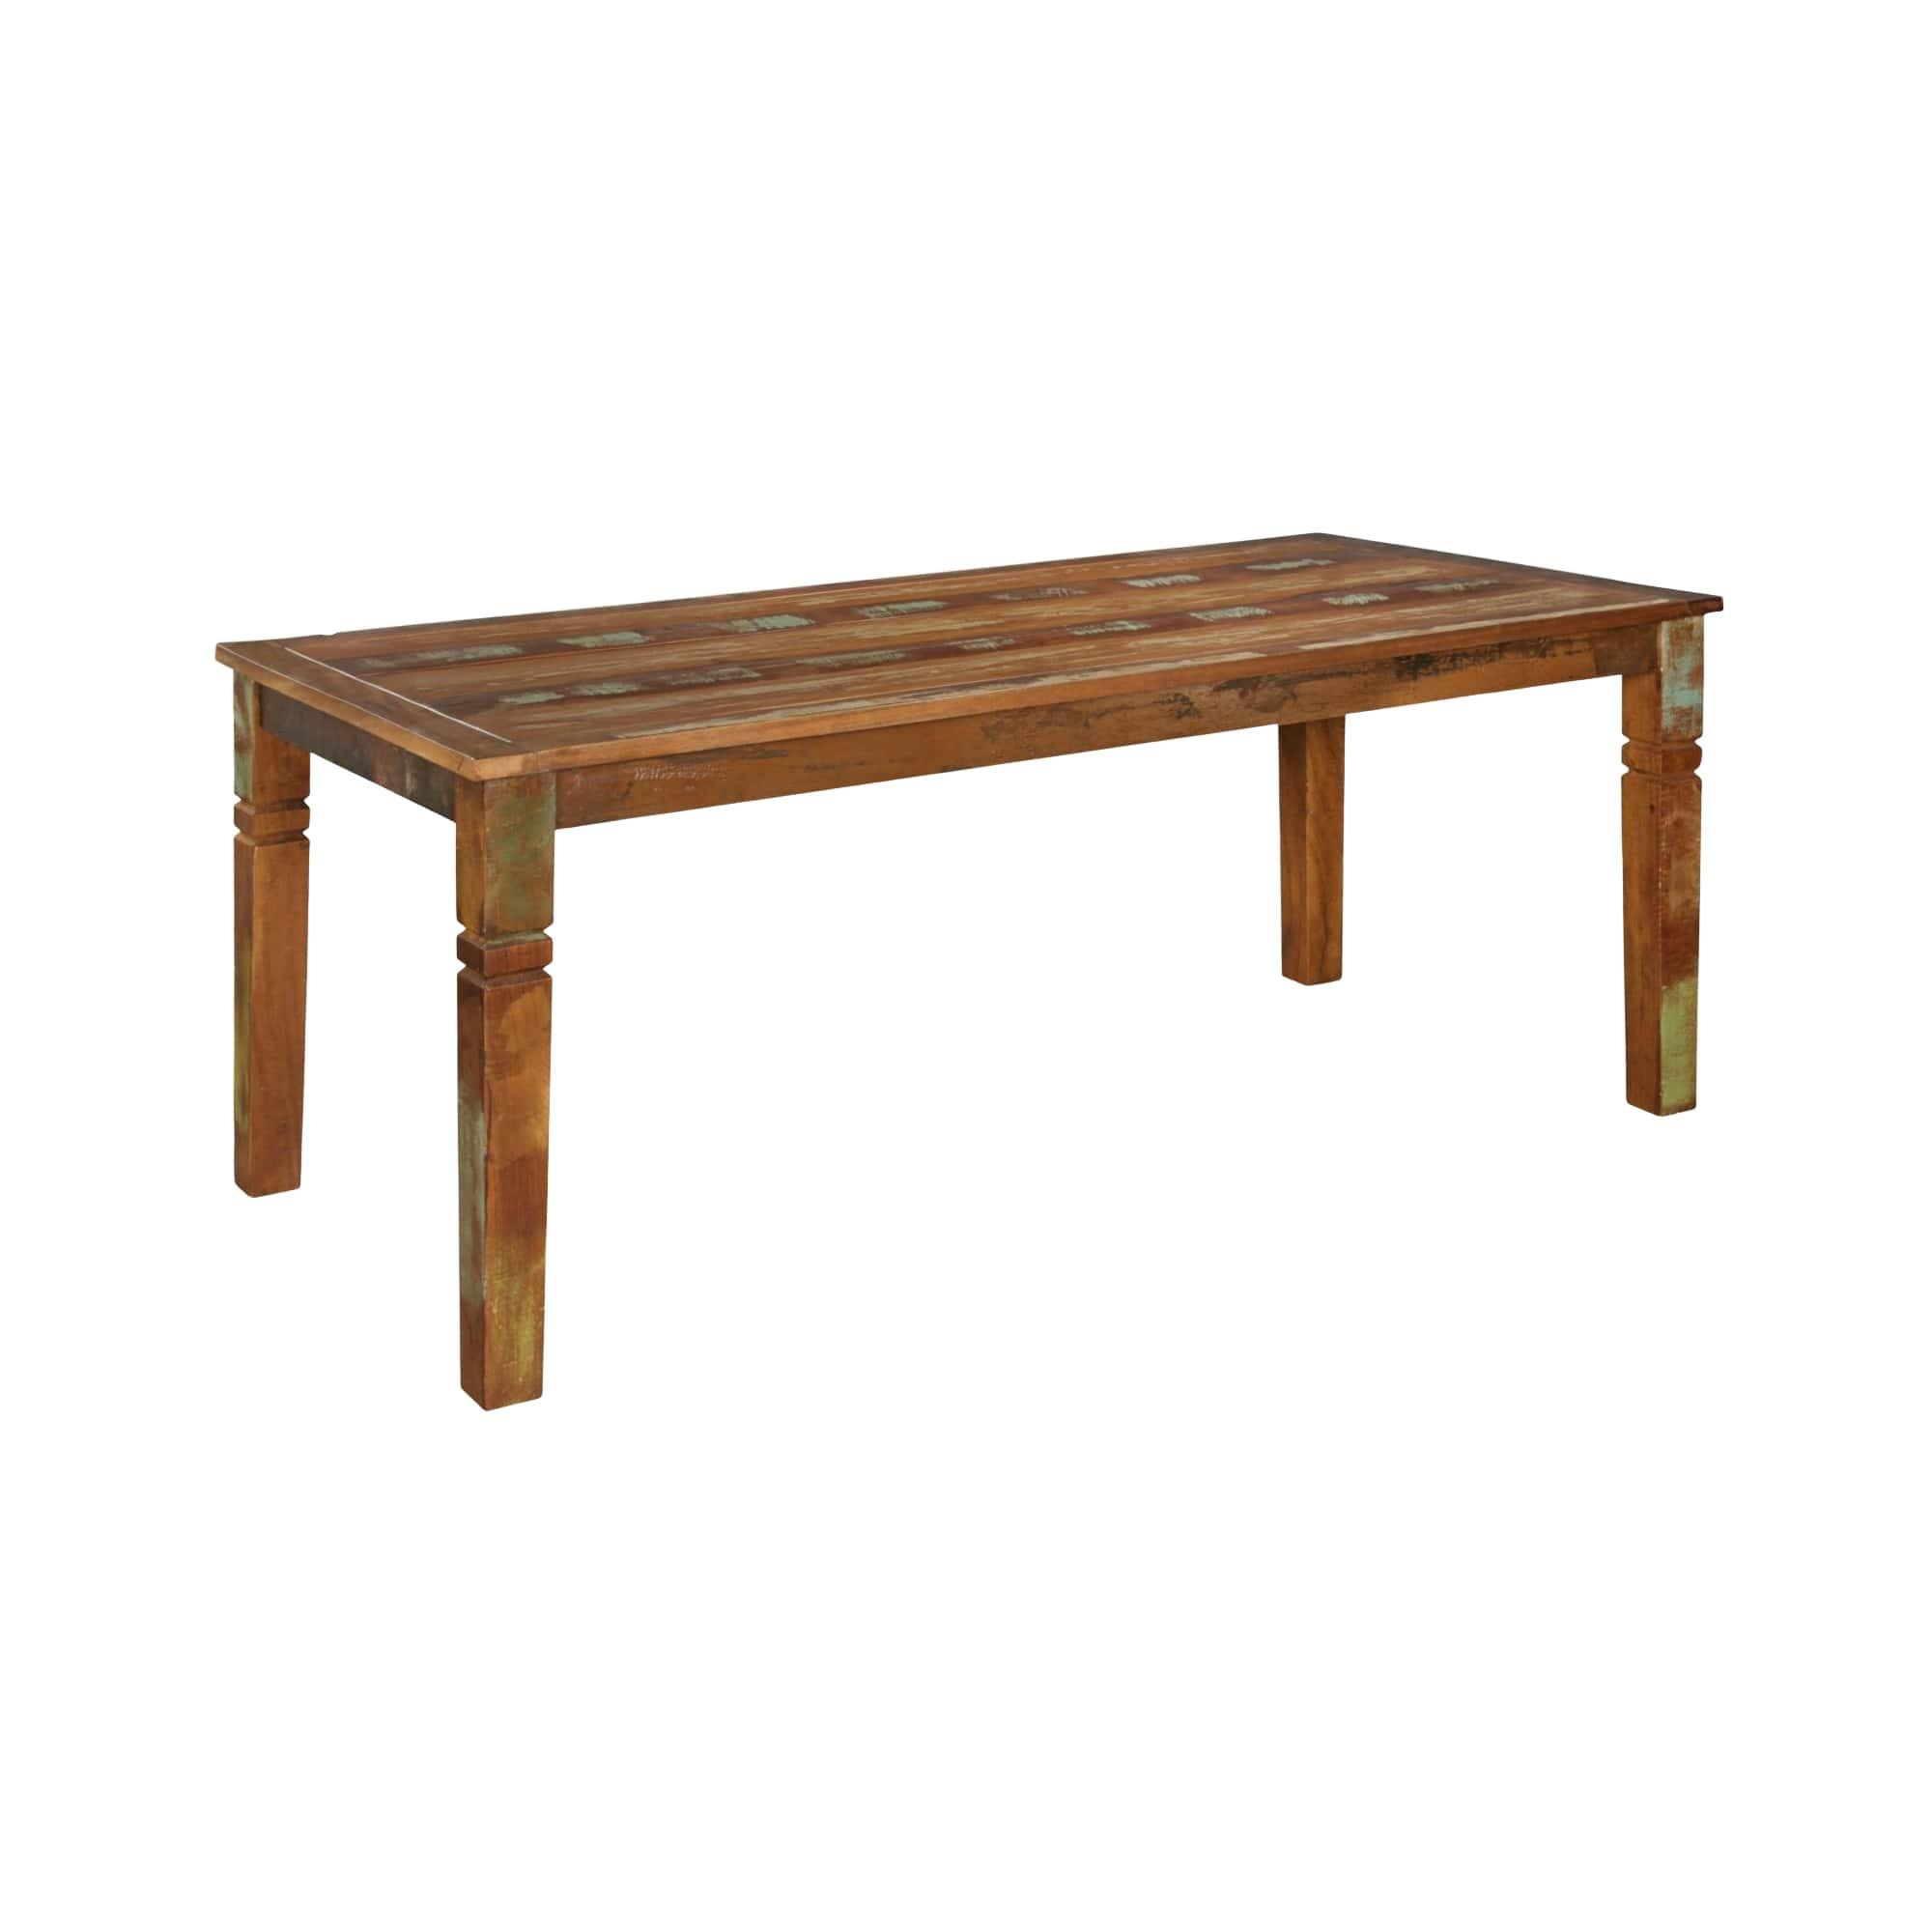 Jídelní stůl z recyklovaného dřeva Kalkutta, 180 cm, mango